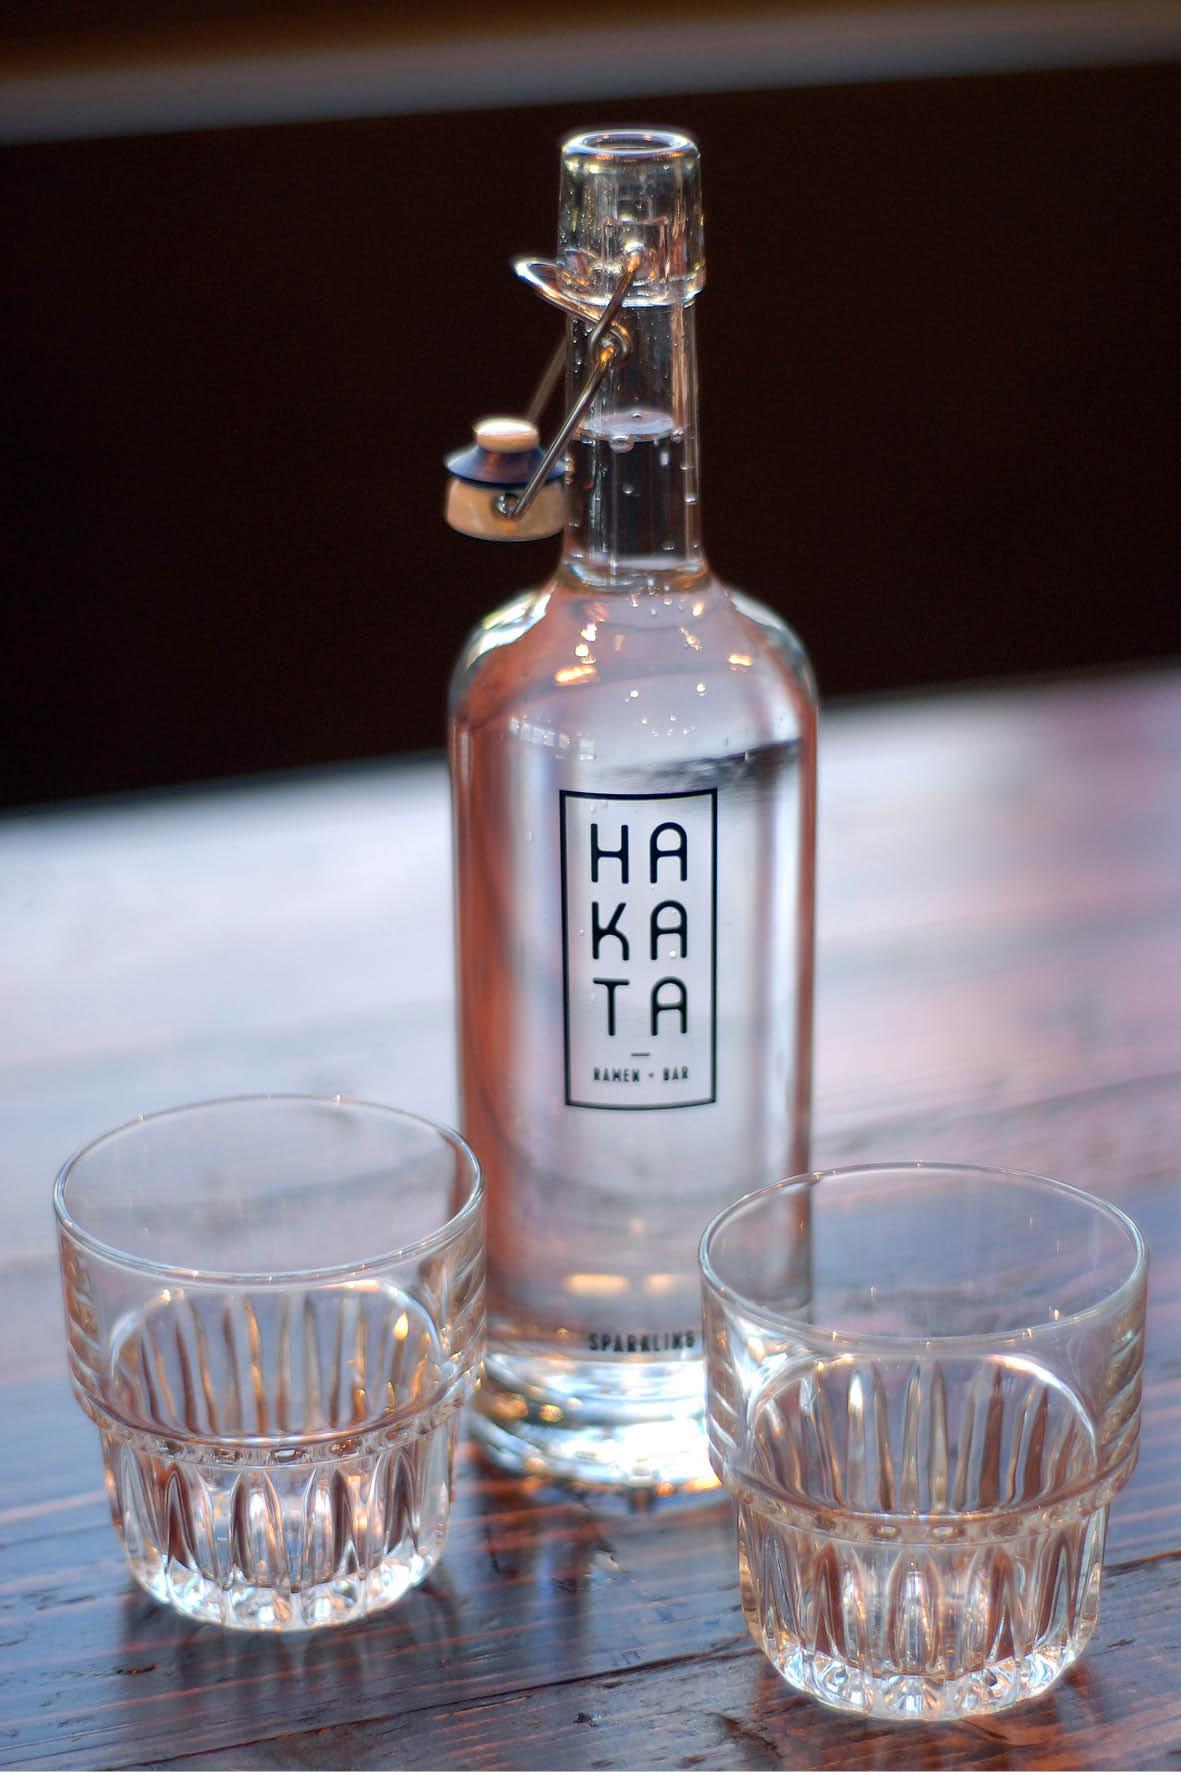 hakata_japanese_ramen+bar_p_2019_no_2.jpg